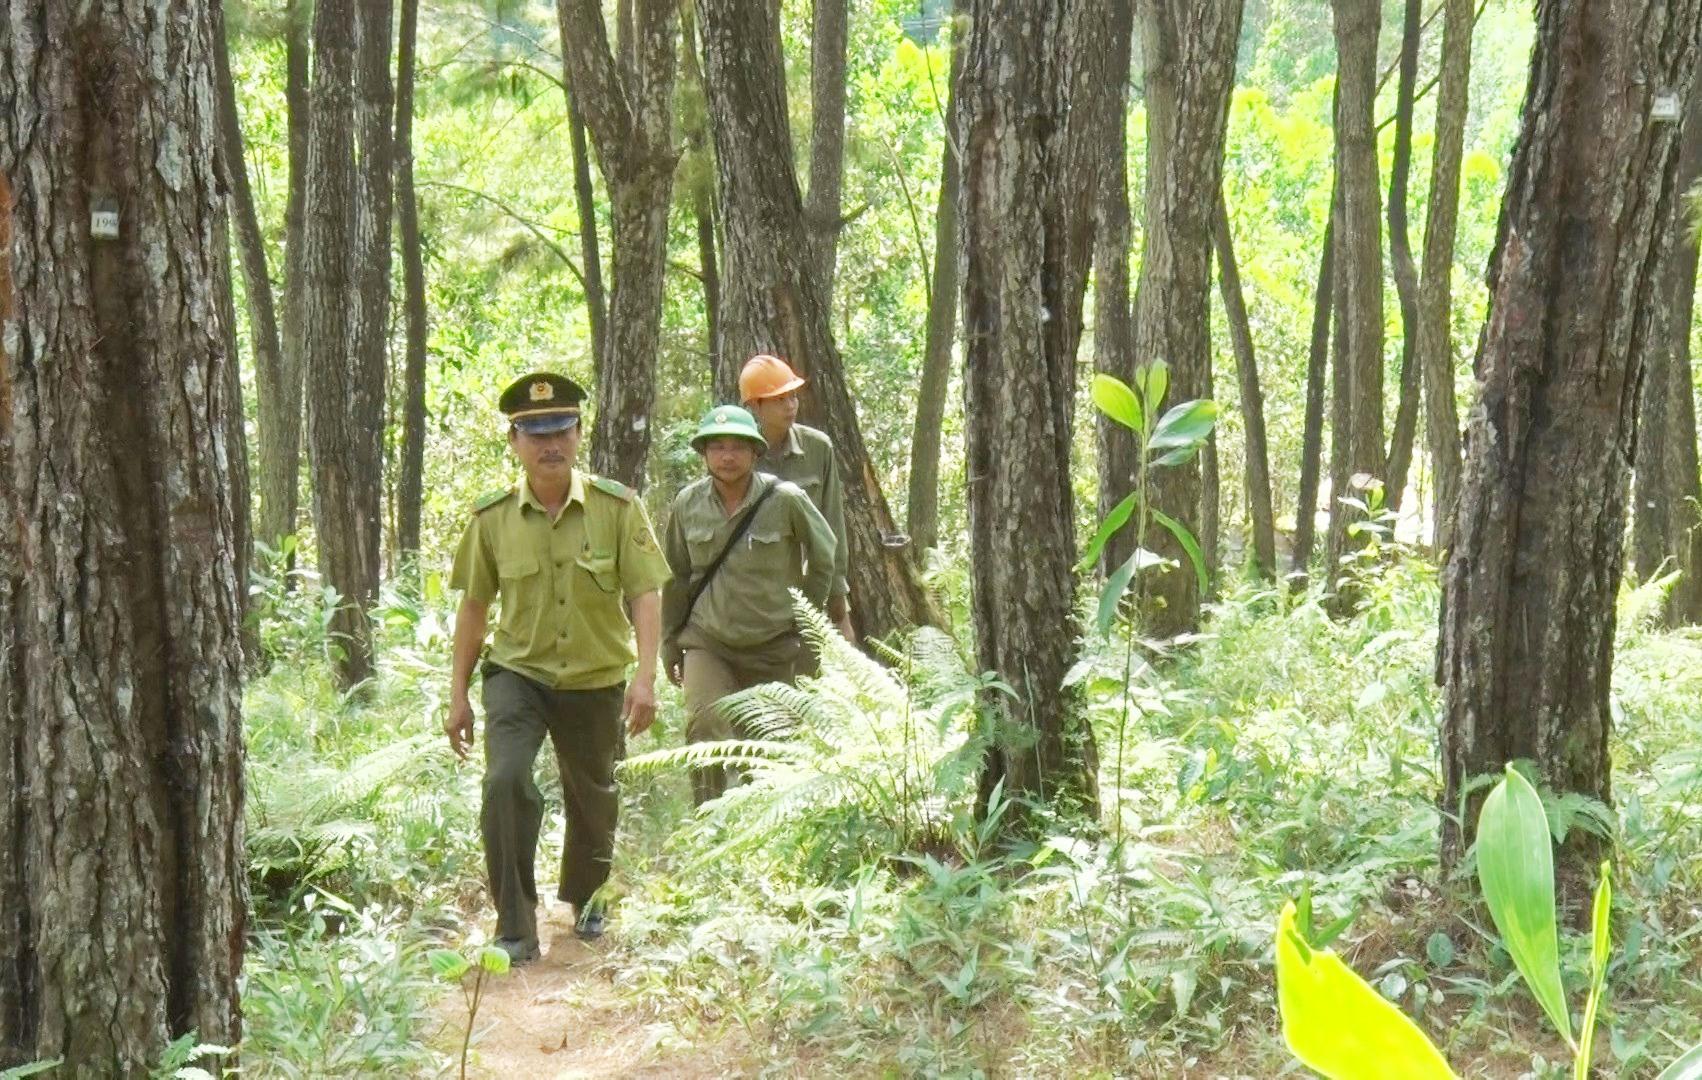 Để ngăn các mối nguy cơ dẫn đến cháy rừng, lực lượng kiểm lâm, bảo vệ rừng Tiên Phước thường xuyên tuần tra. Ảnh: Đ.Q